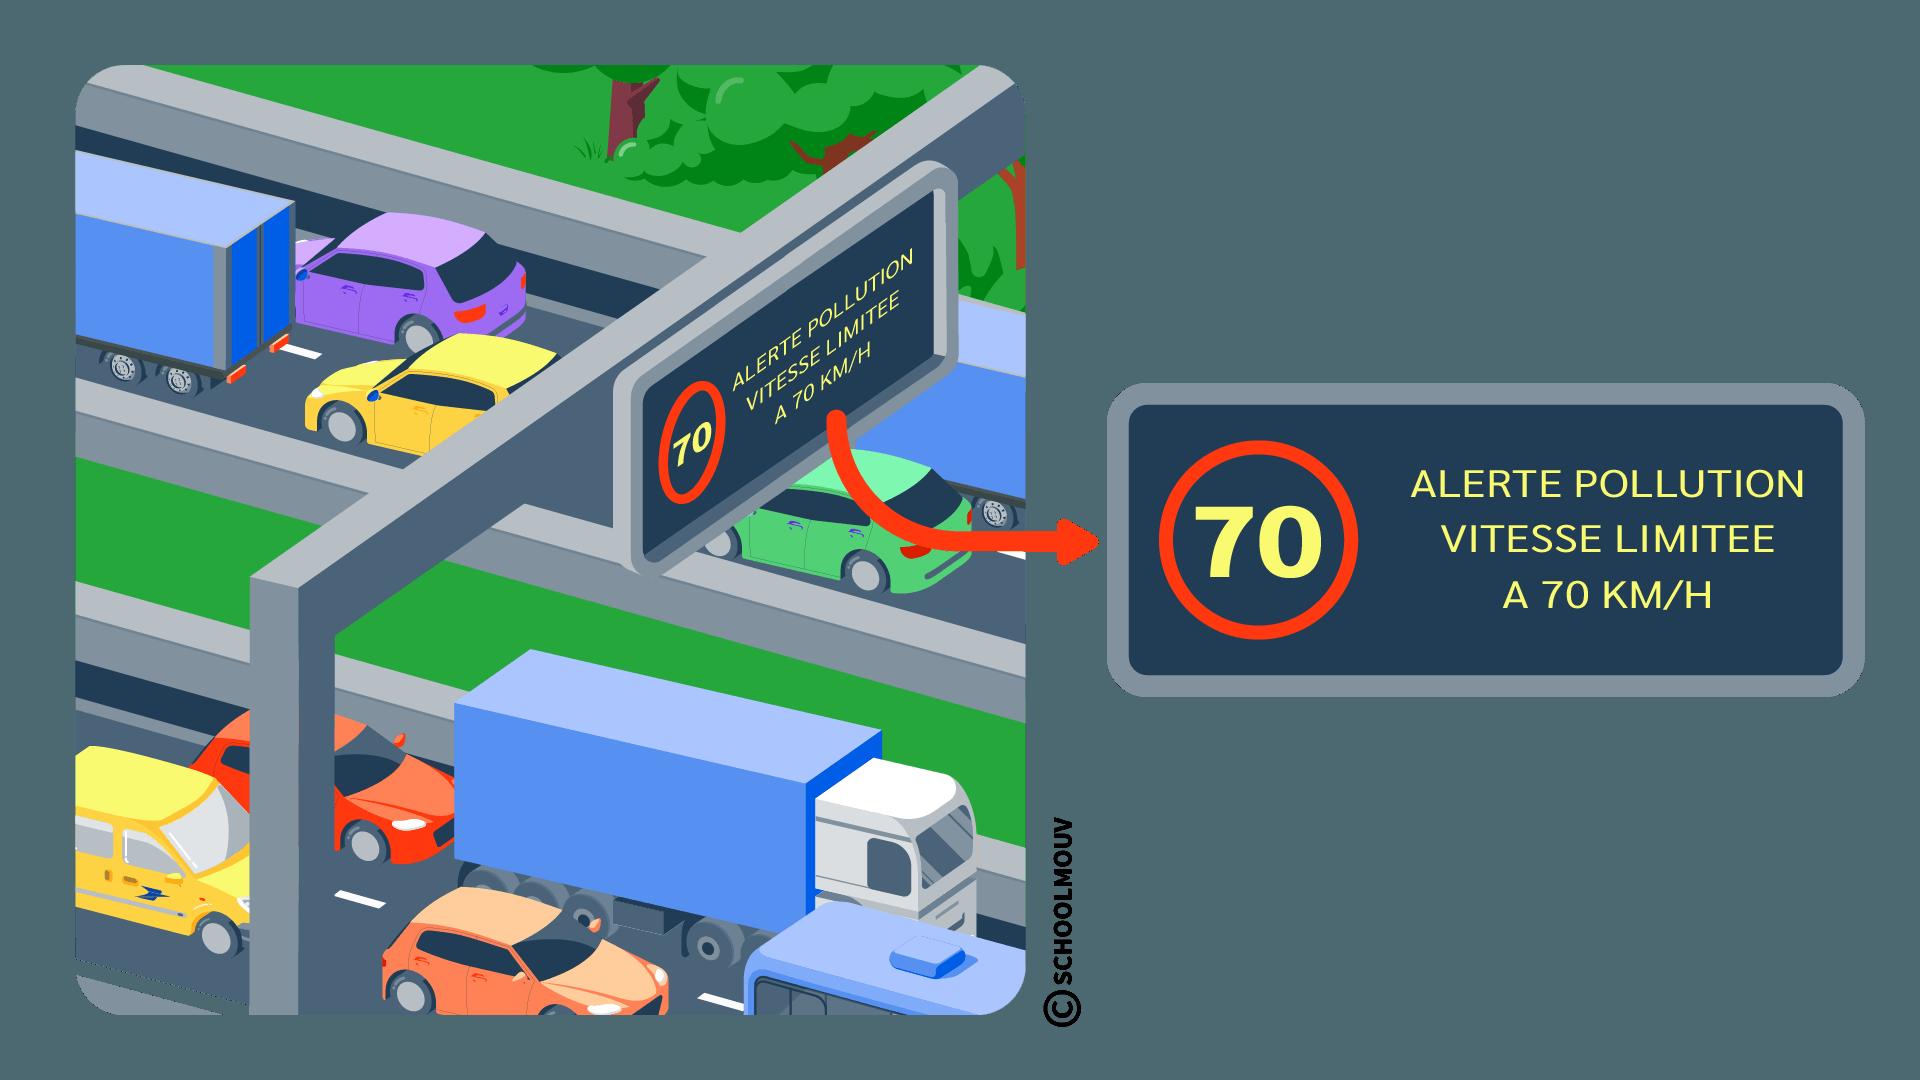 Alerte pollution - Message - Autoroute - Panneaux - Information - SchoolMouv - Géographie - CM2